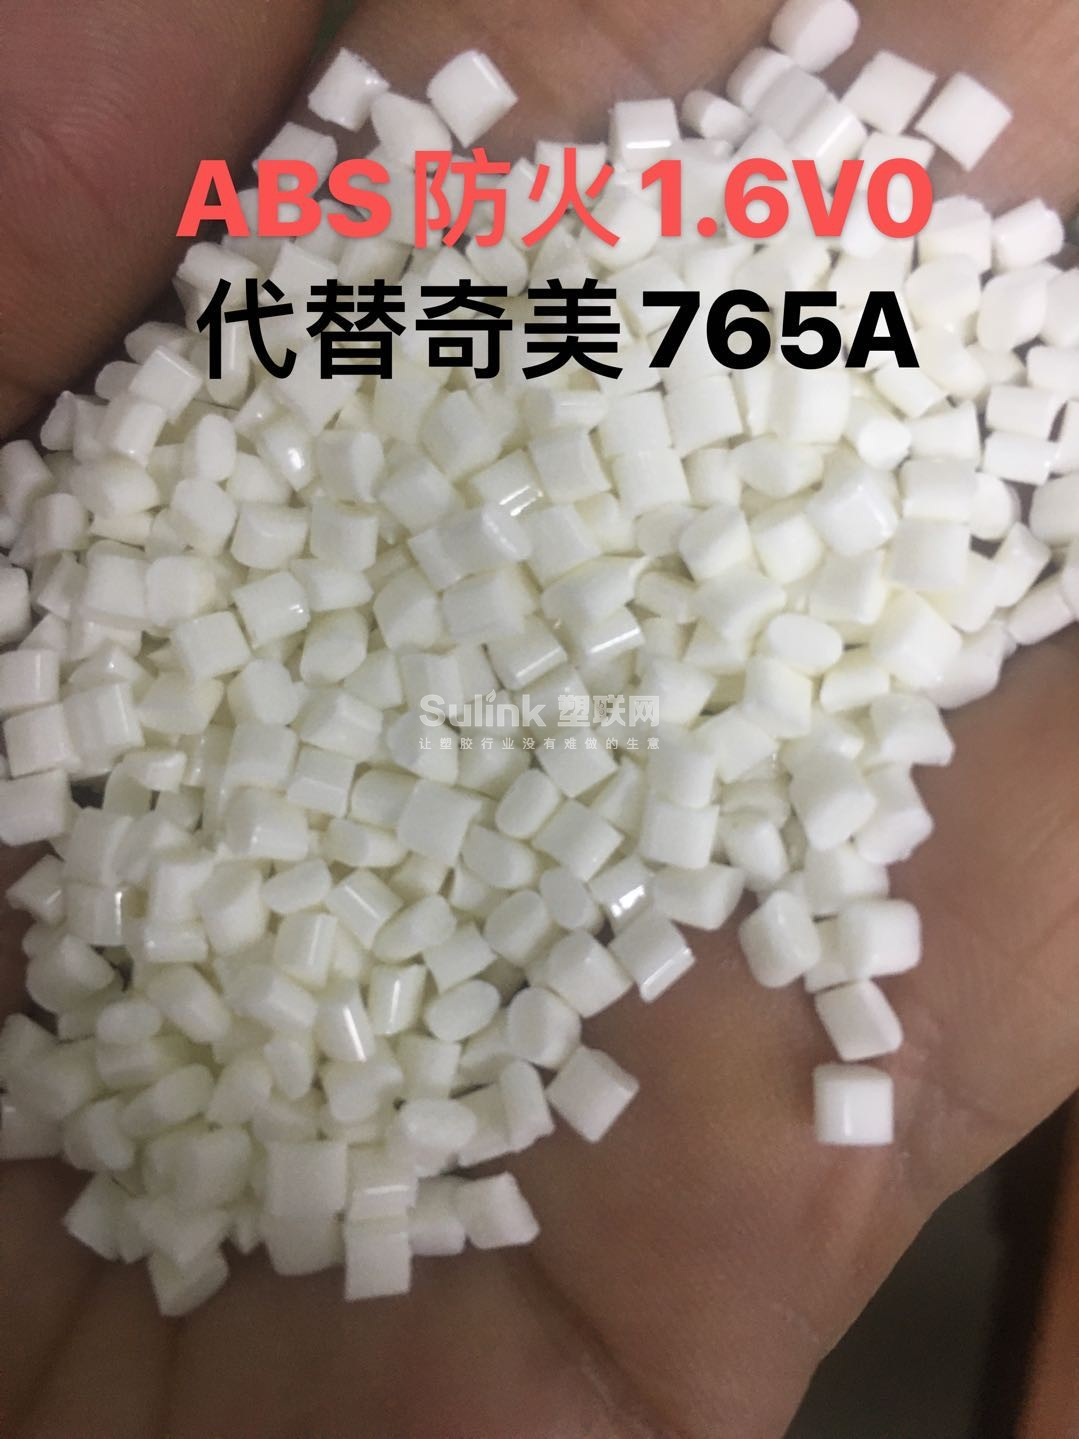 白色ABS 防火1.6V0 代替奇美765A- 塑联网 - 塑料联网信息服务平台